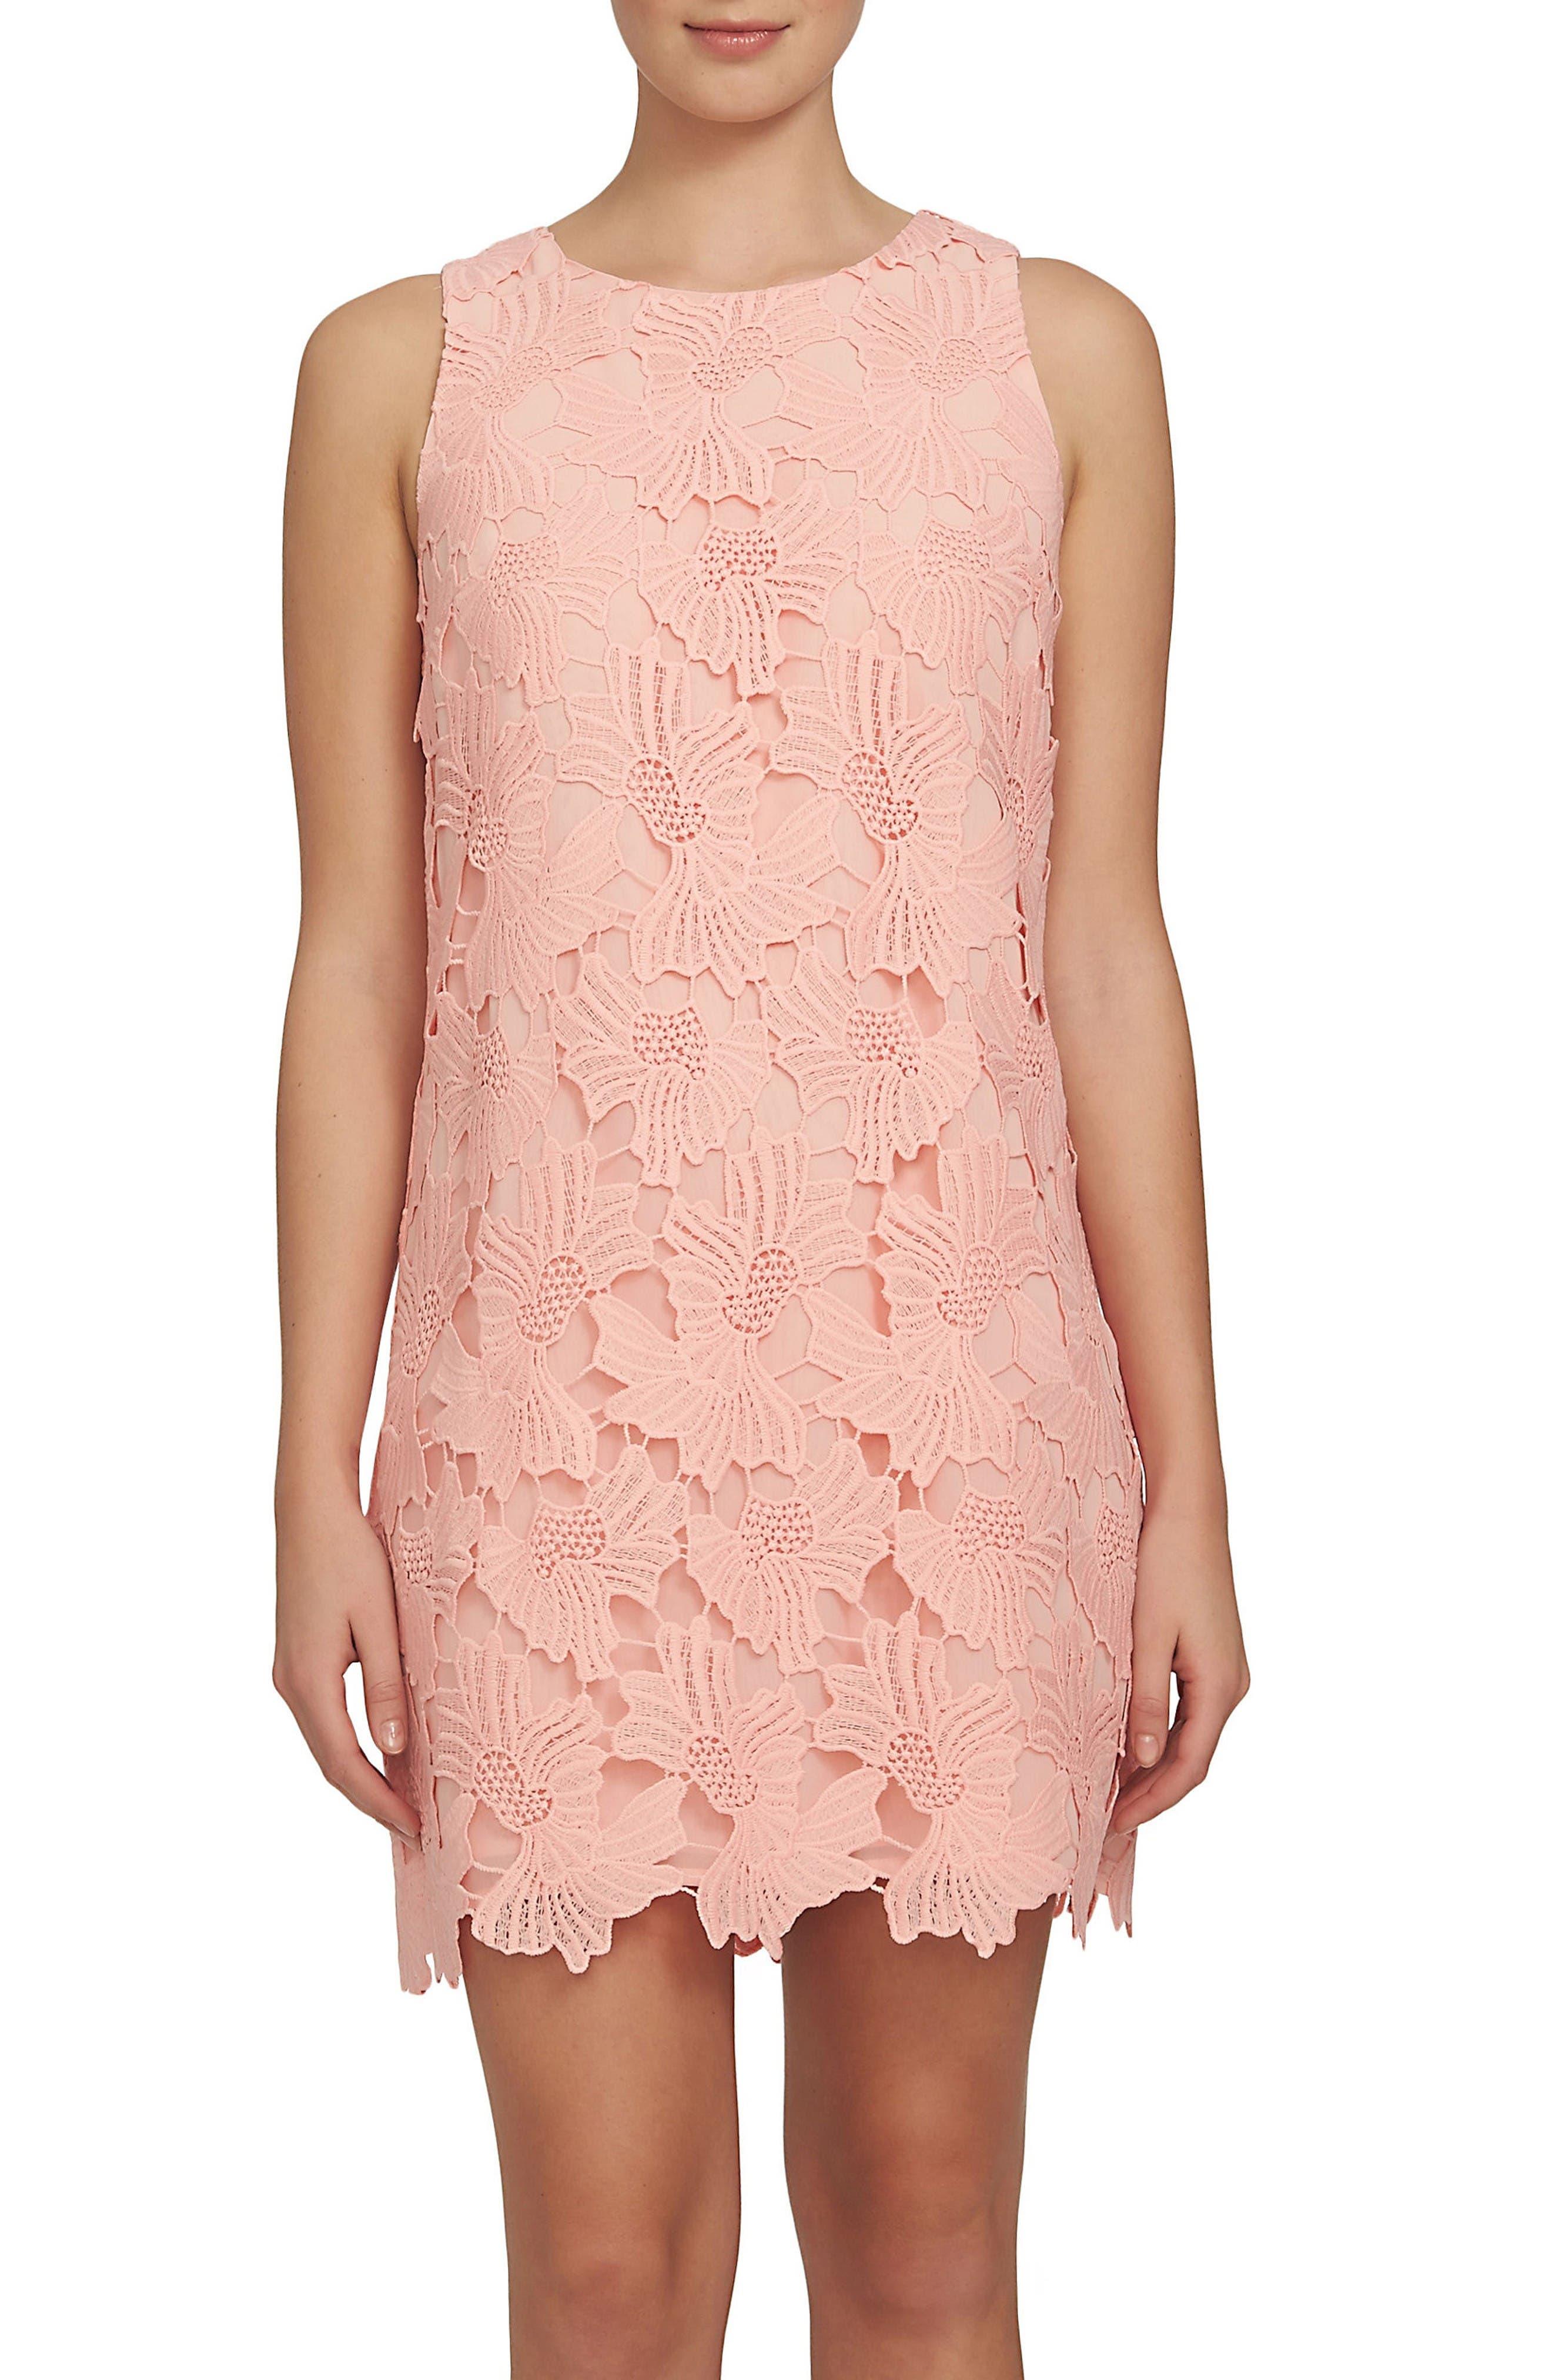 CeCe Arlington Lace Shift Dress